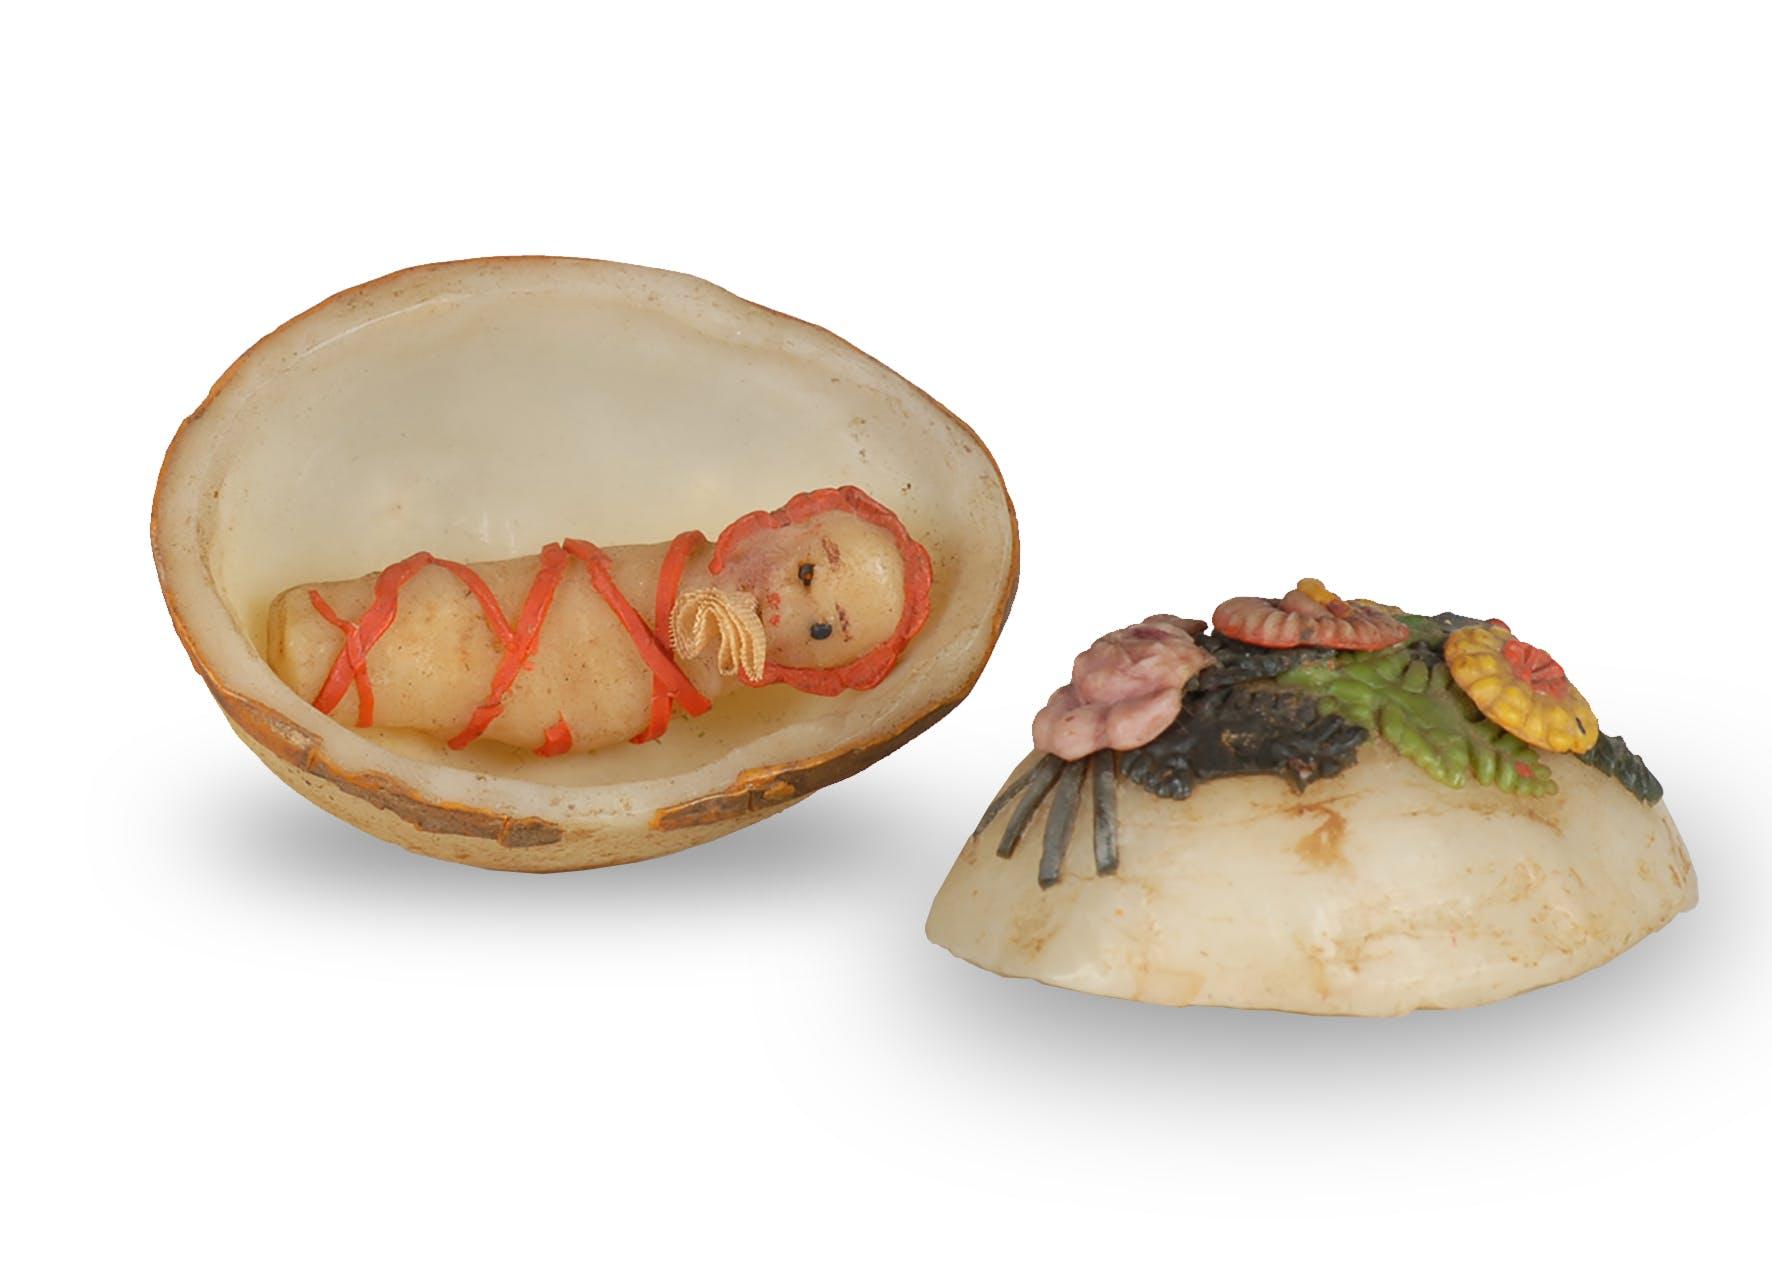 3. Fatschenkind in Wachsei, 5.7 cm, Herkunft unbekannt, keine Angaben zur Datierung